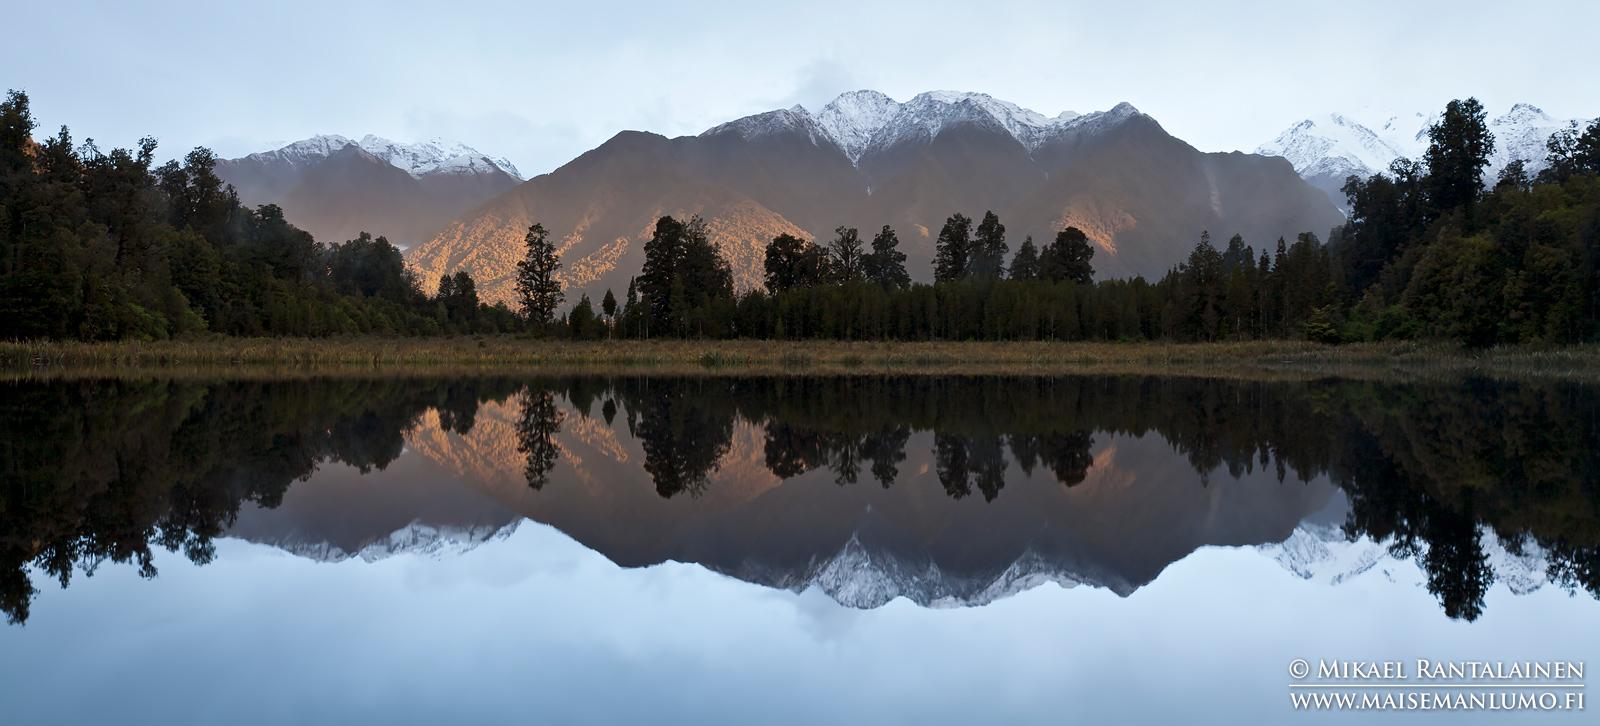 Matheson-järvi, Uusi-Seelanti (PU106)